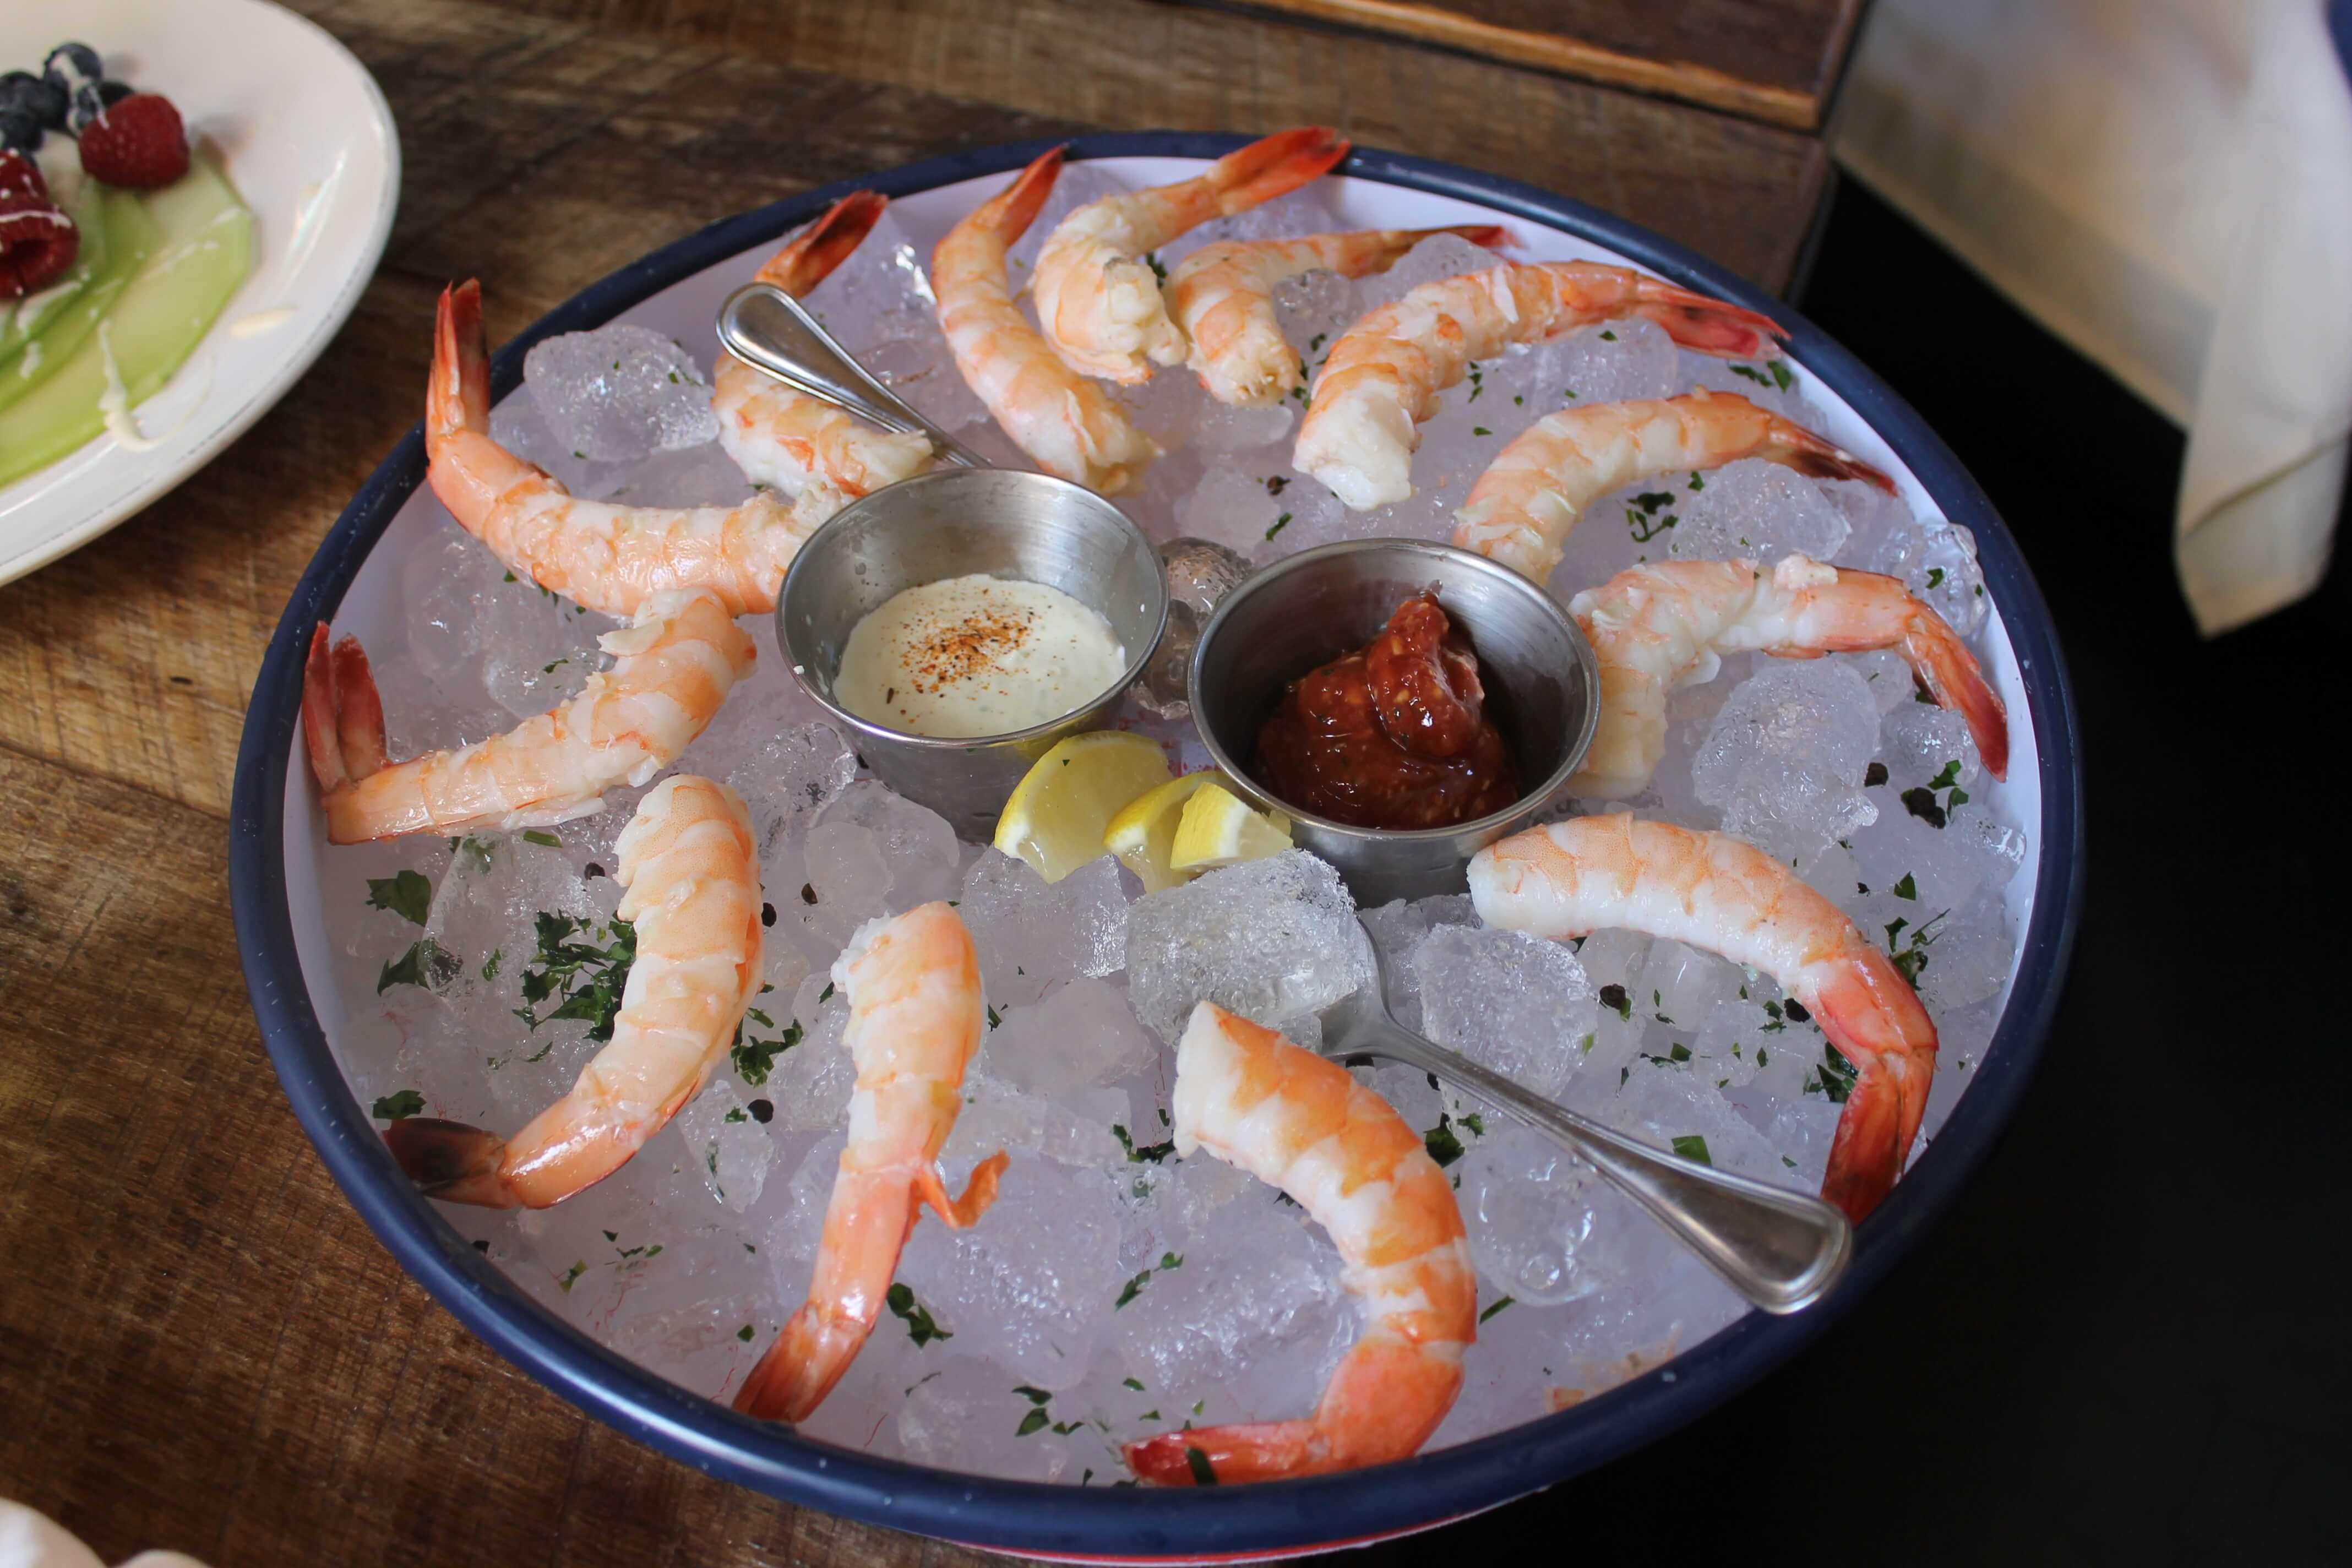 Shrimp at Southerleigh. Photo courtesy of San Antonio Detours.